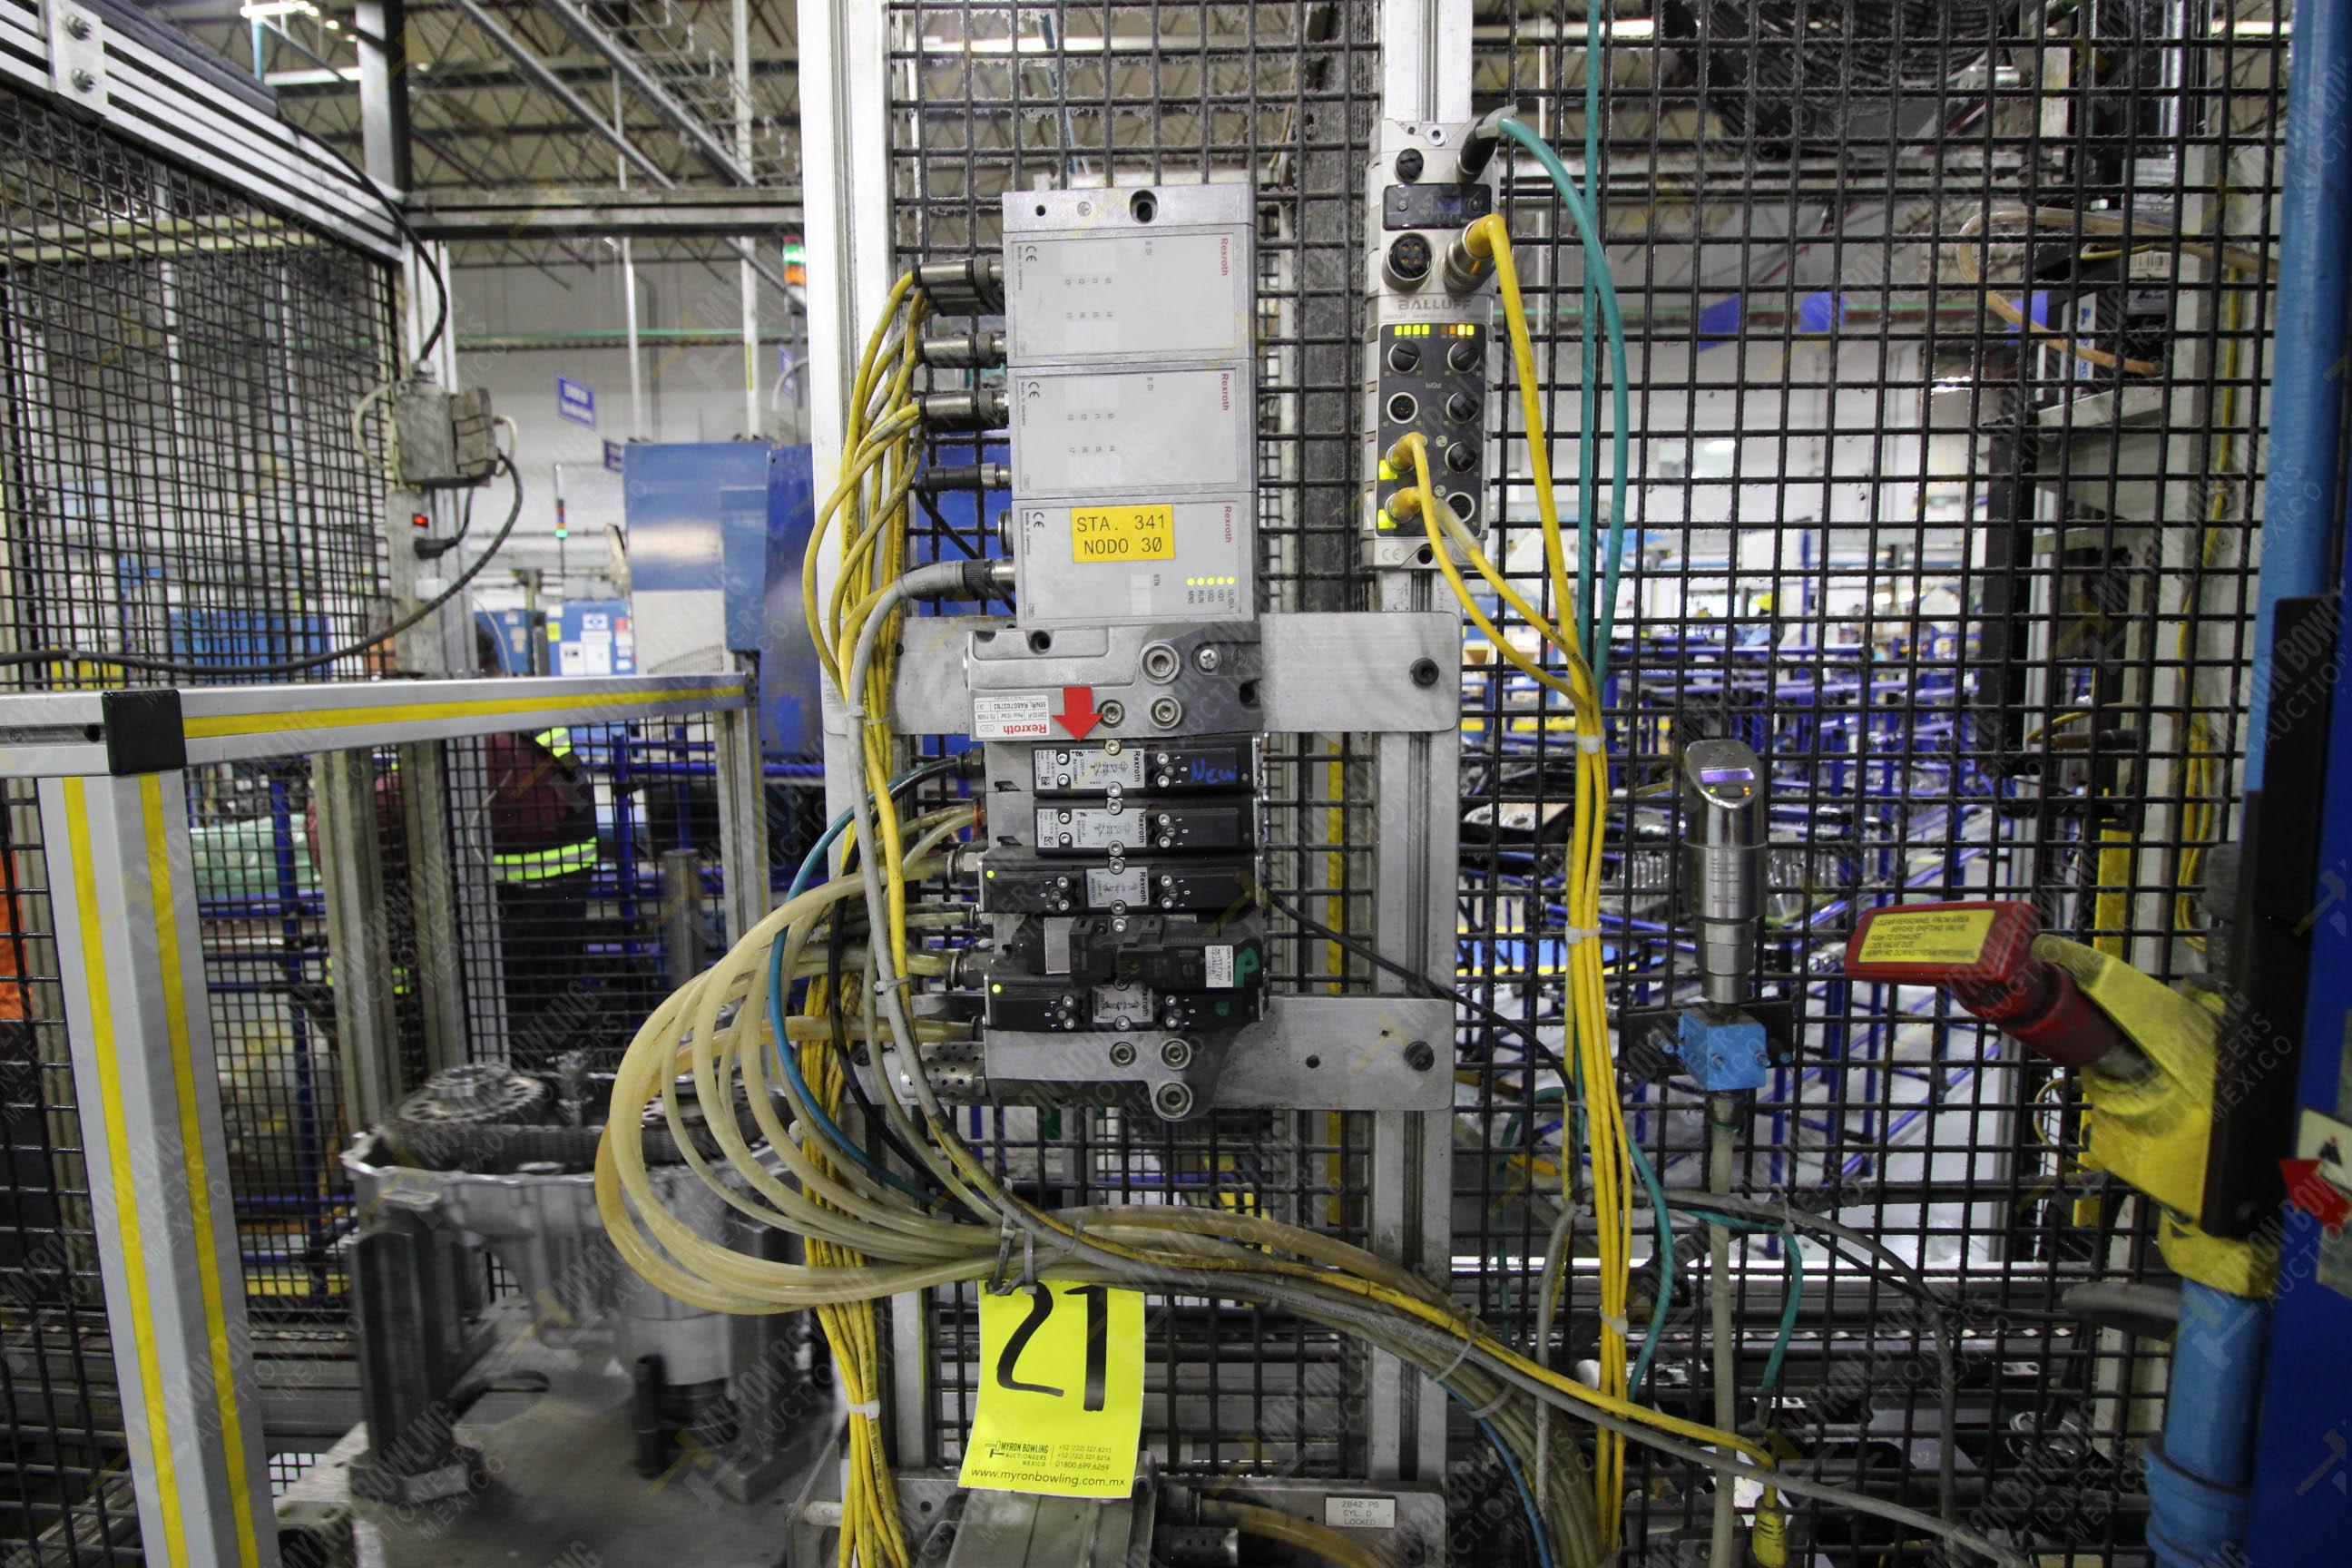 Estación semiautomática para operación 341, contiene: Prensa en estructura de placa de acero - Image 14 of 26